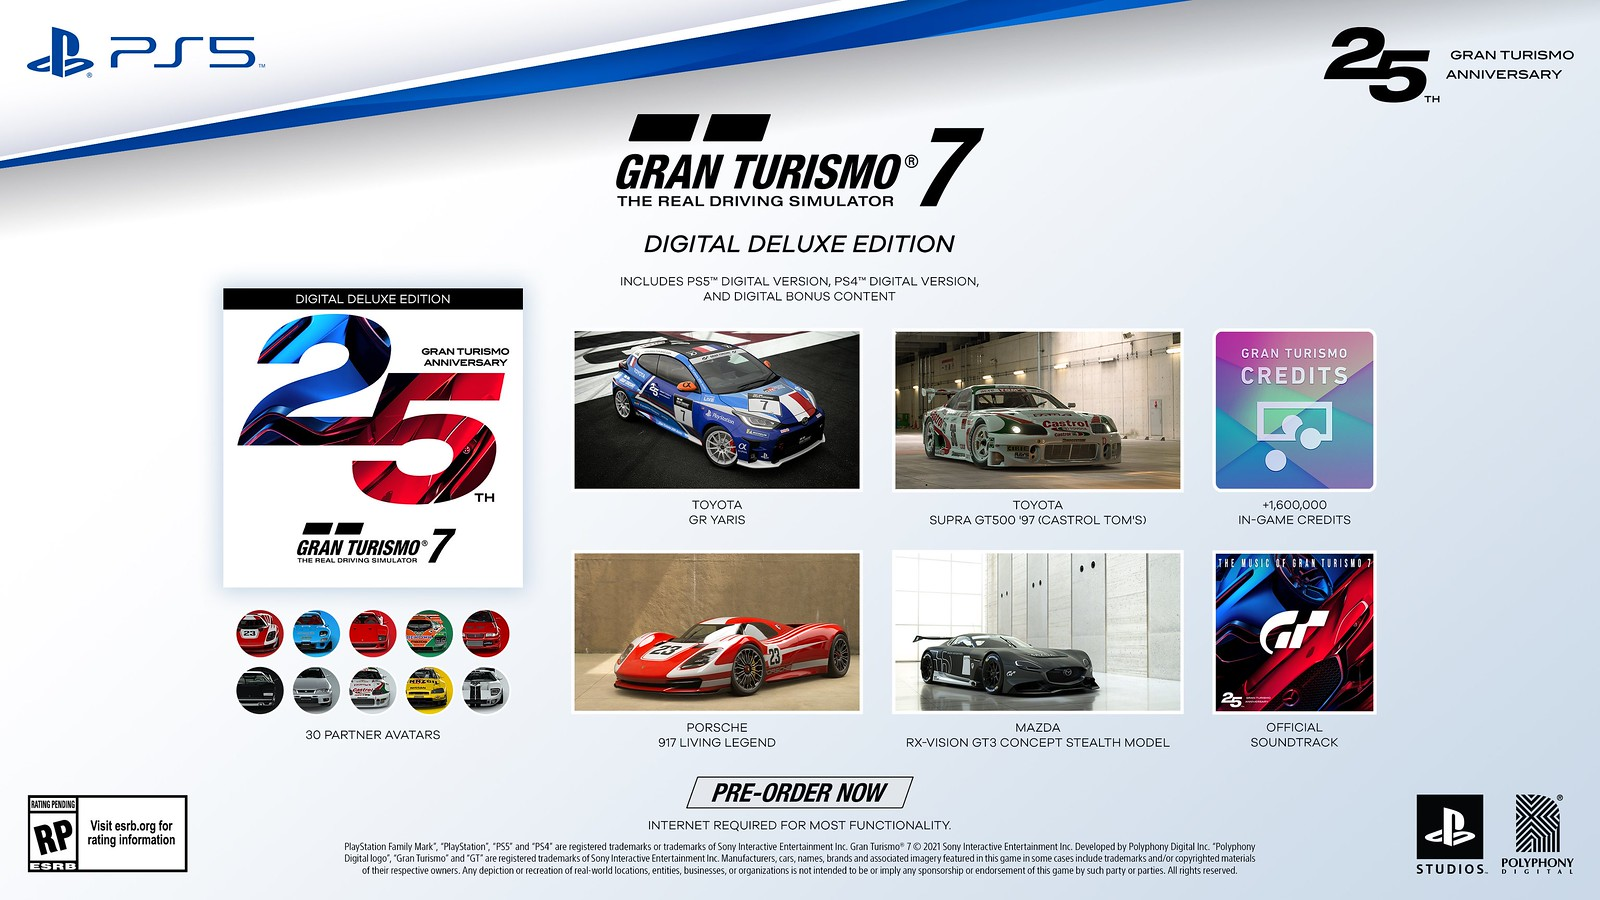 Gran Turismo 7 25th Anniversary Digital Deluxe Edition